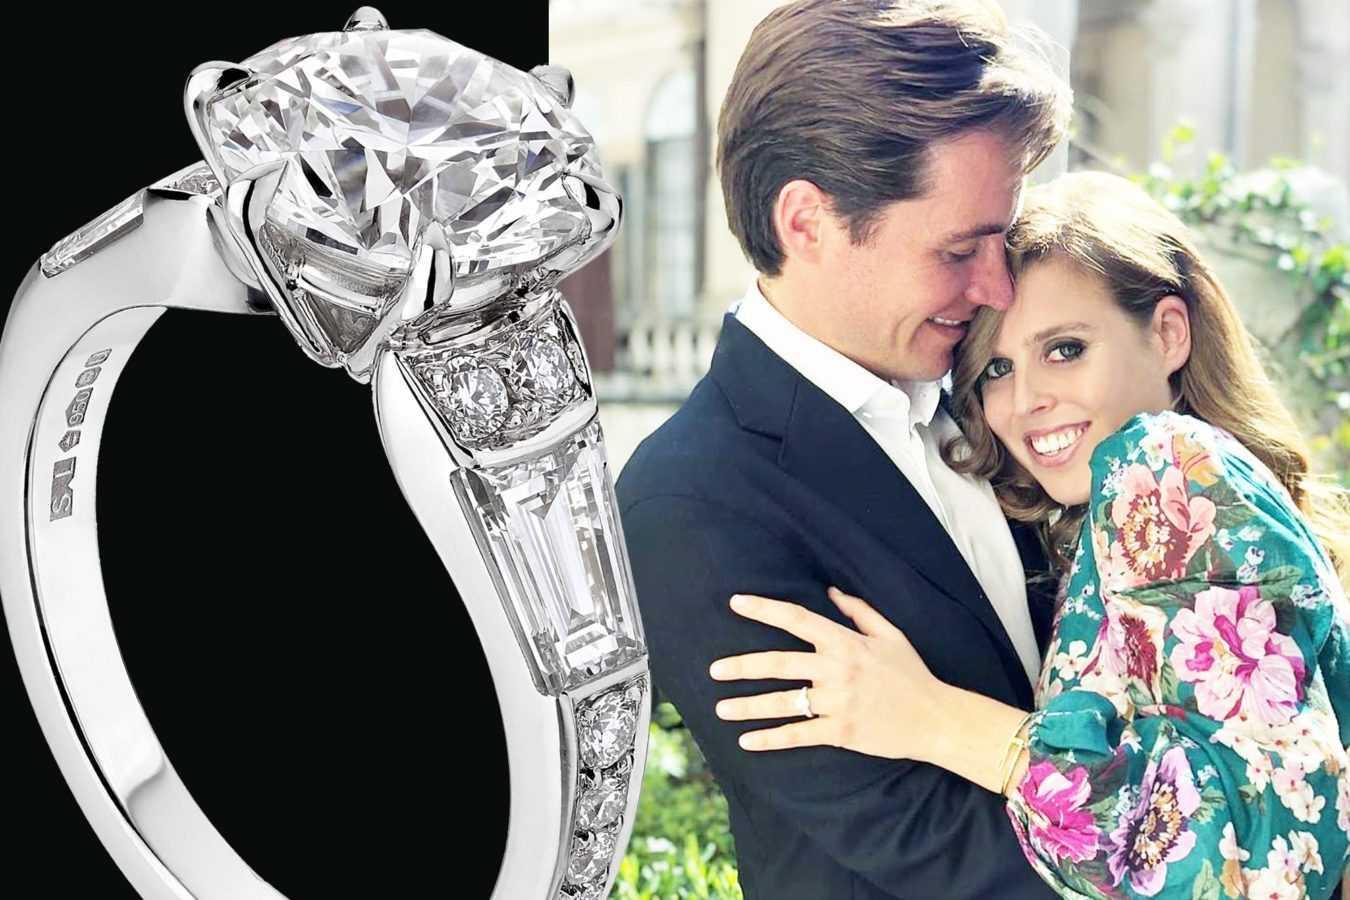 Обручальное кольцо принцессы Беатрис, где-то мы его уже видели